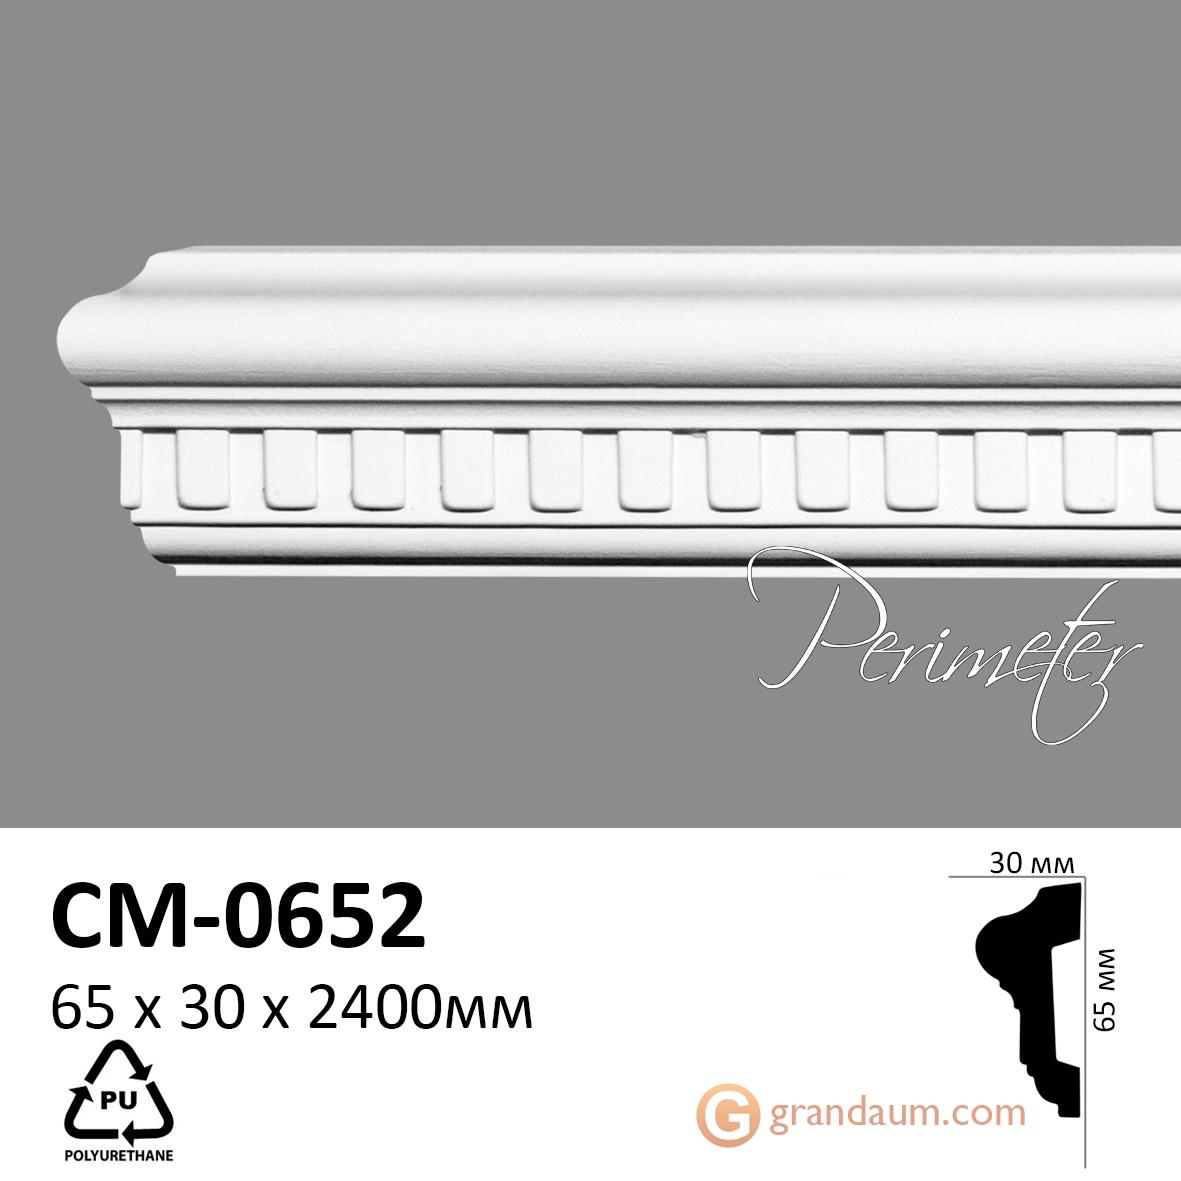 Карниз с гладким профилем Perimeter CM-0652